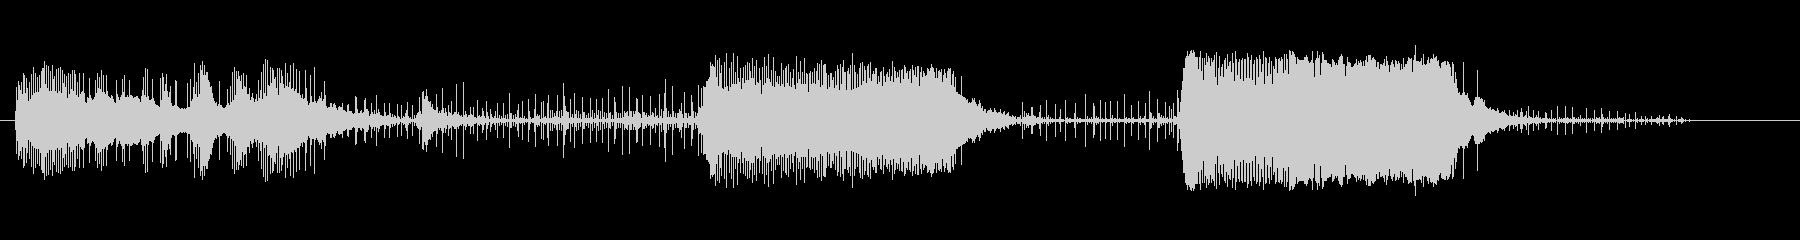 チェーンソー2の未再生の波形